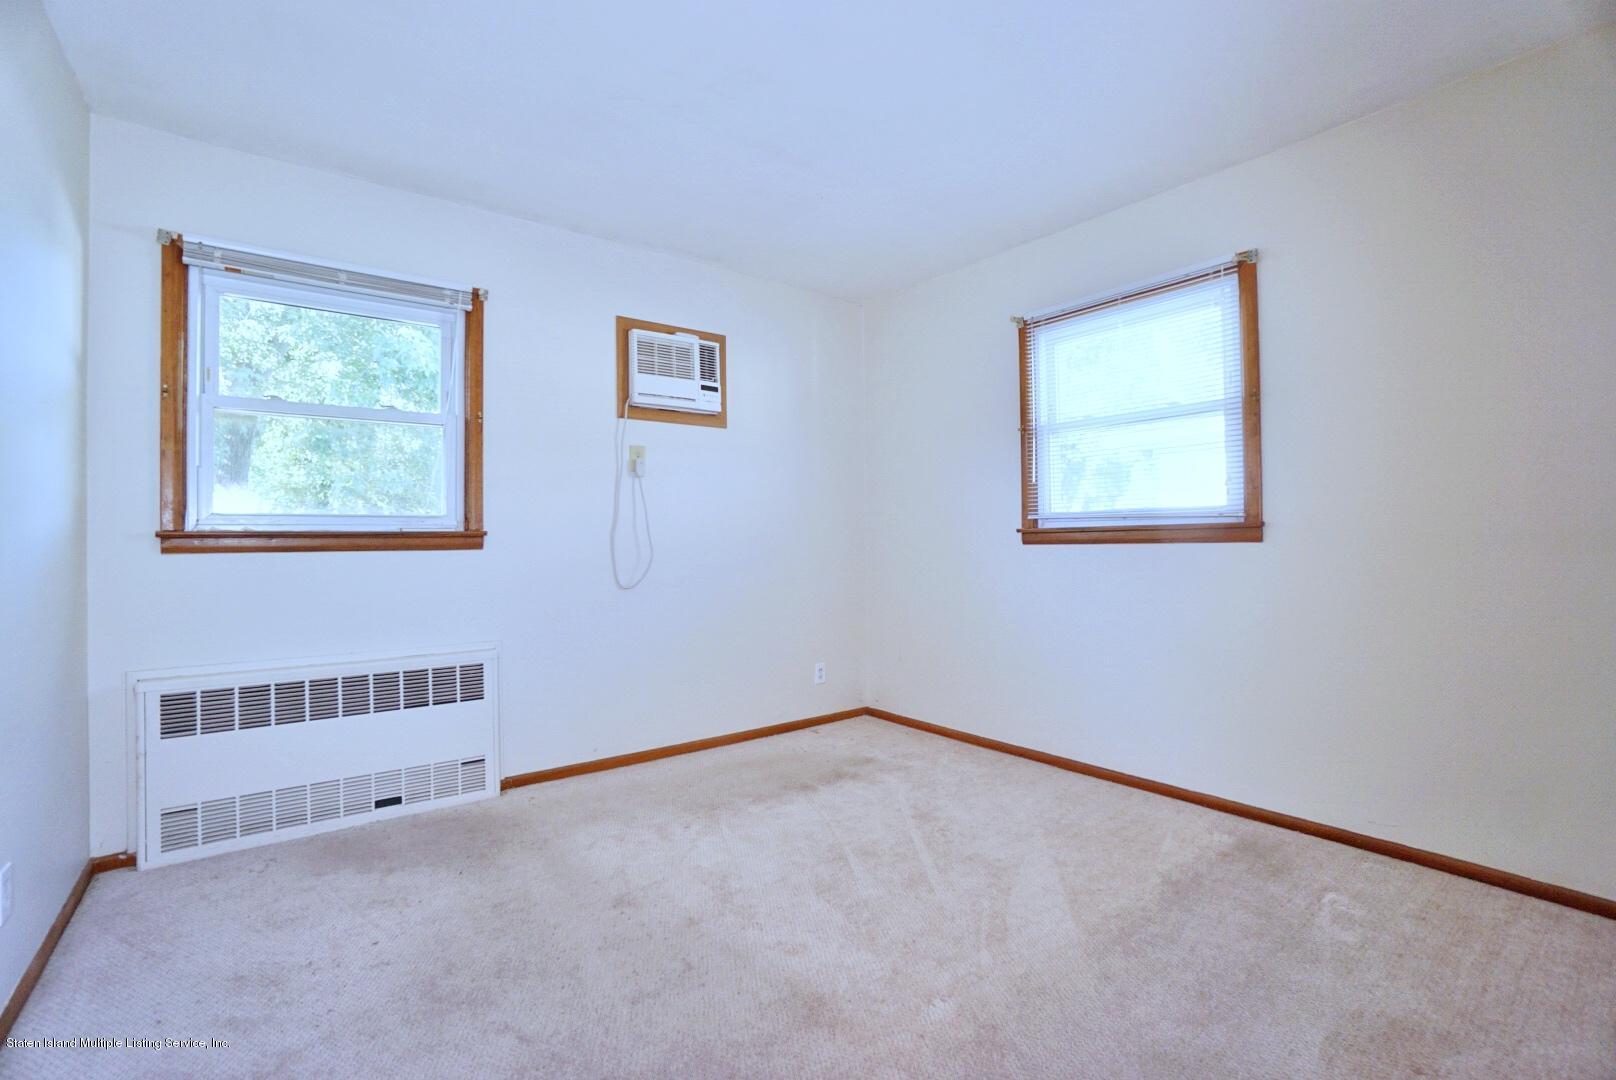 Single Family - Detached 215 Fairbanks Avenue  Staten Island, NY 10306, MLS-1138817-24